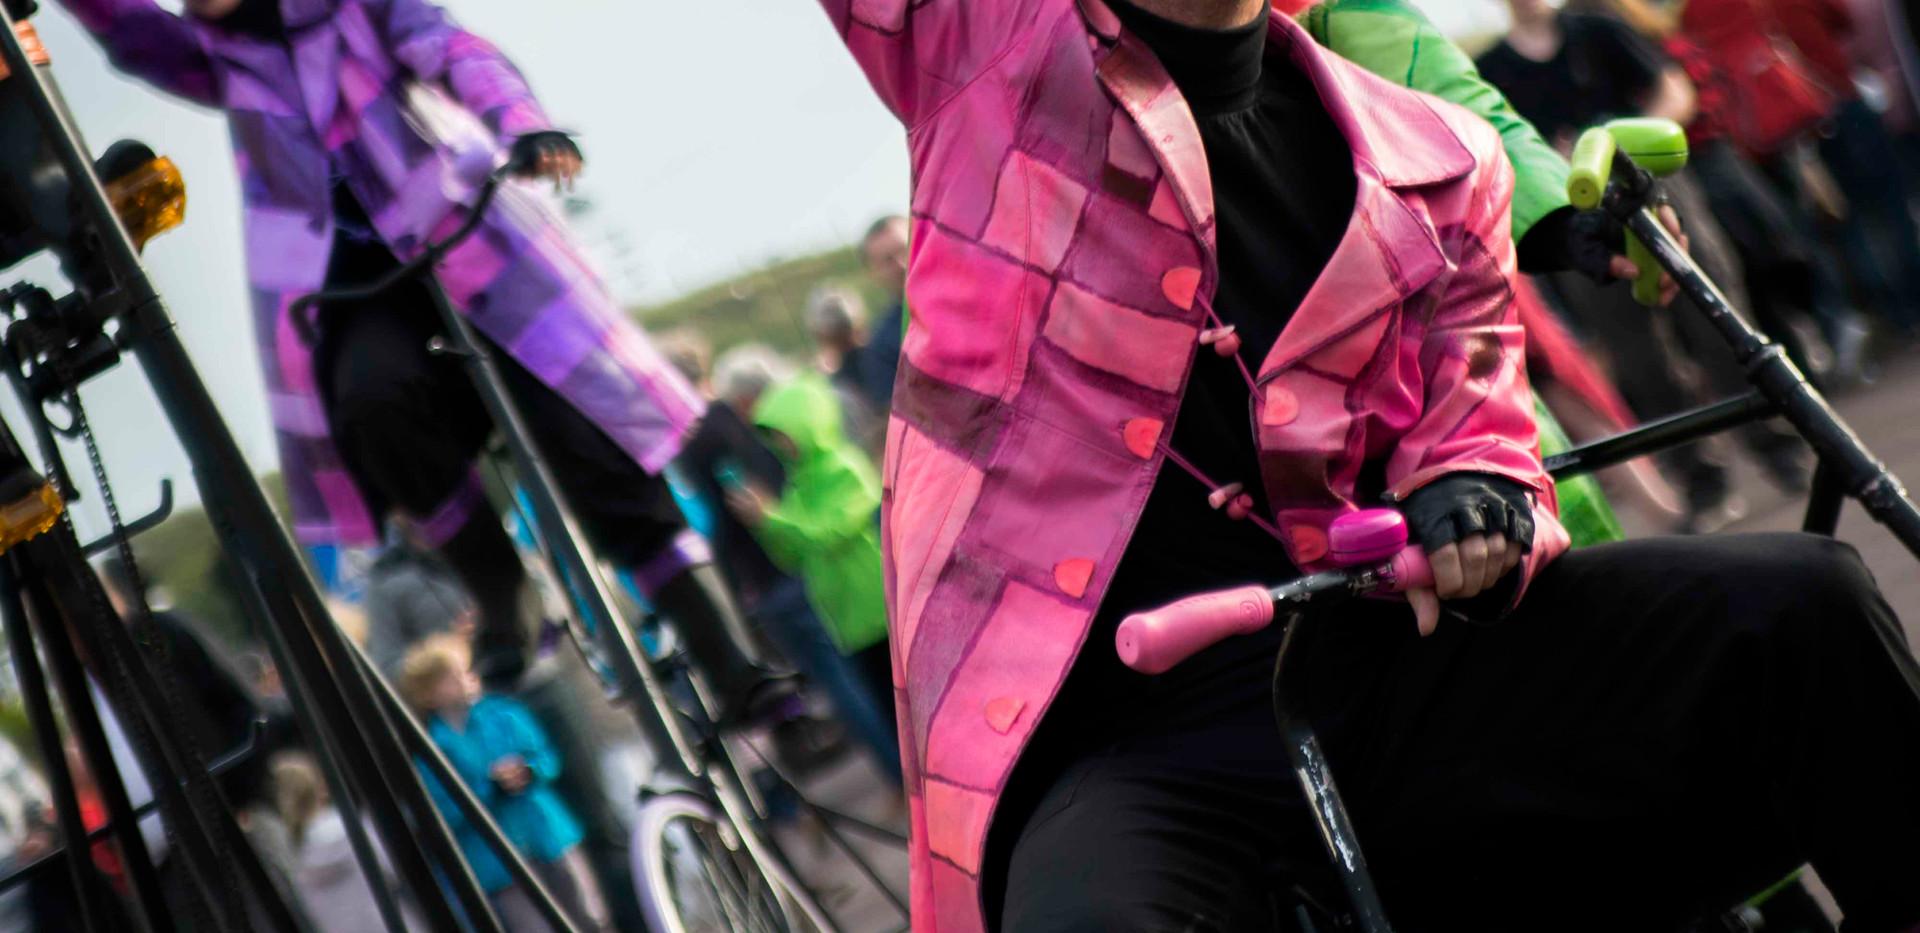 UniQcycle show fietsen act entertainment